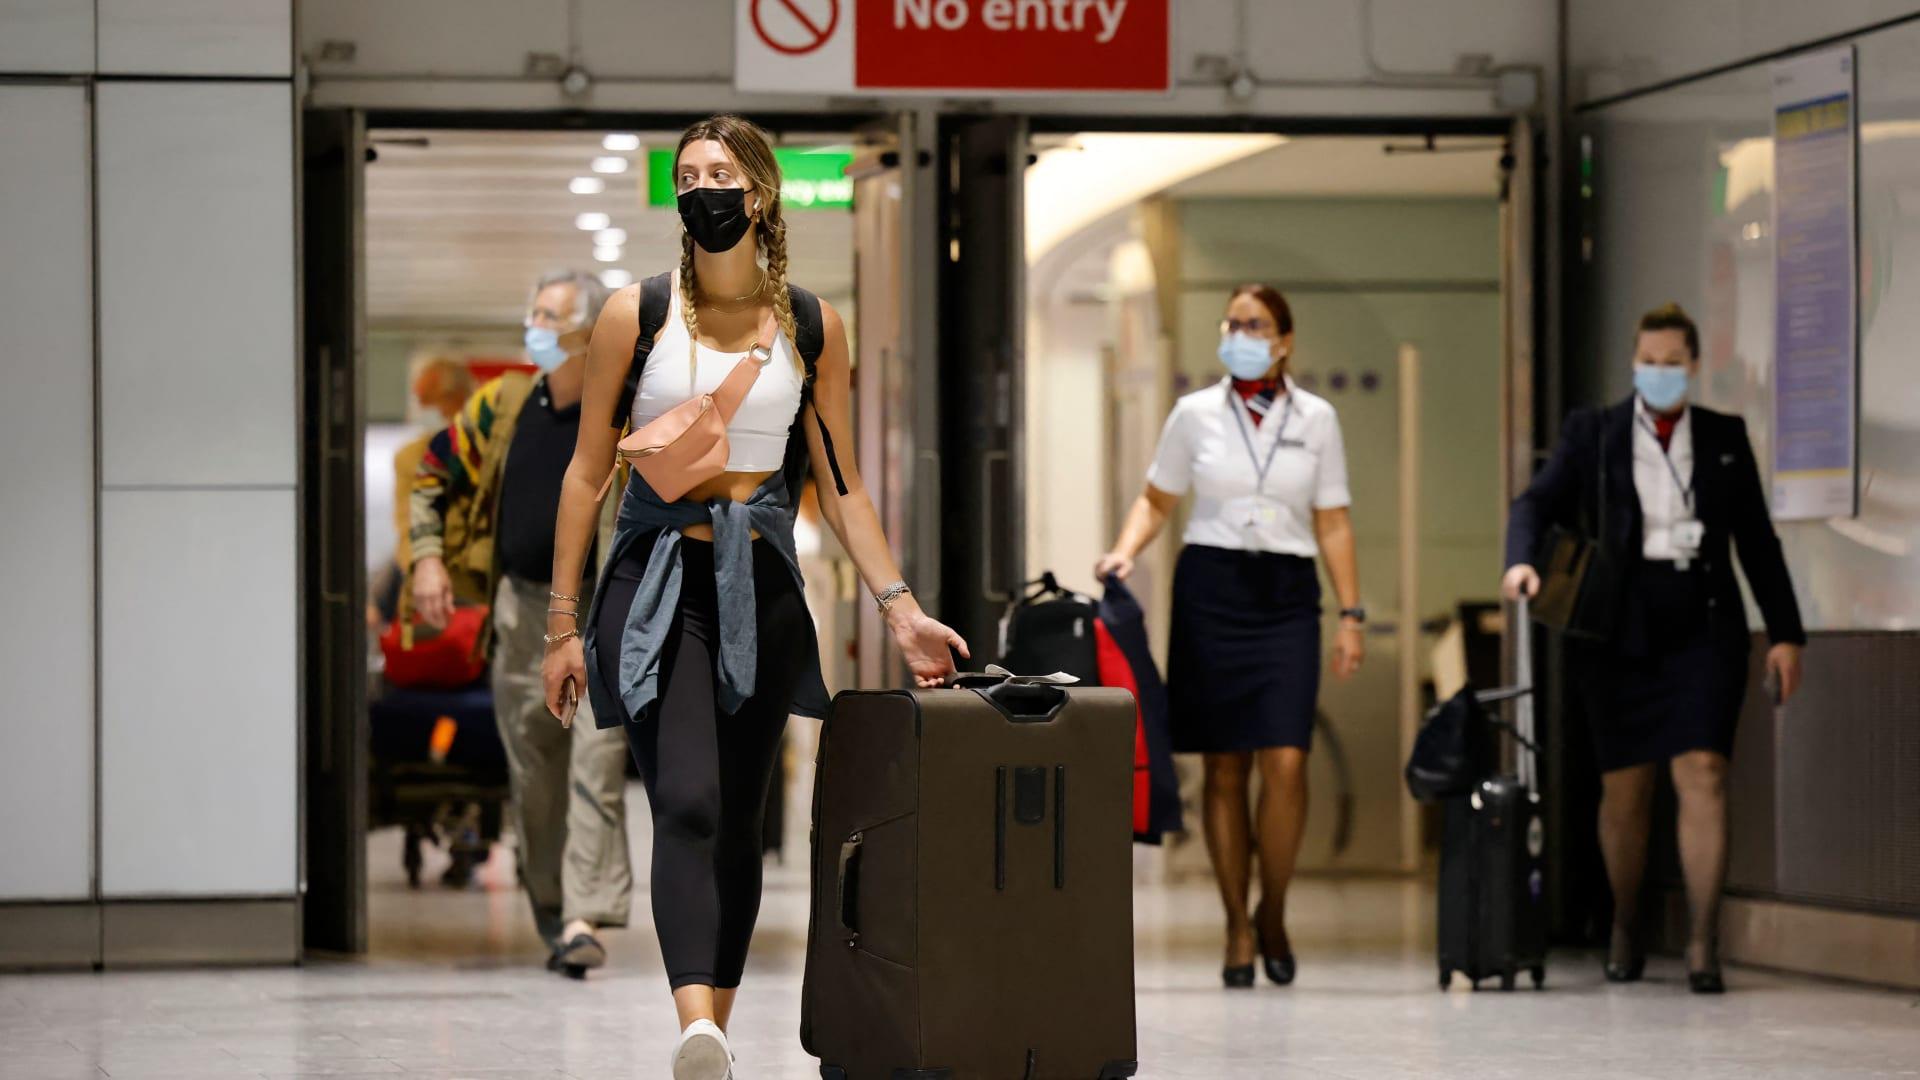 منها الكويت.. مجلس الاتحاد الأوروبي يضيف 3 دول لقائمة السفر الآمن